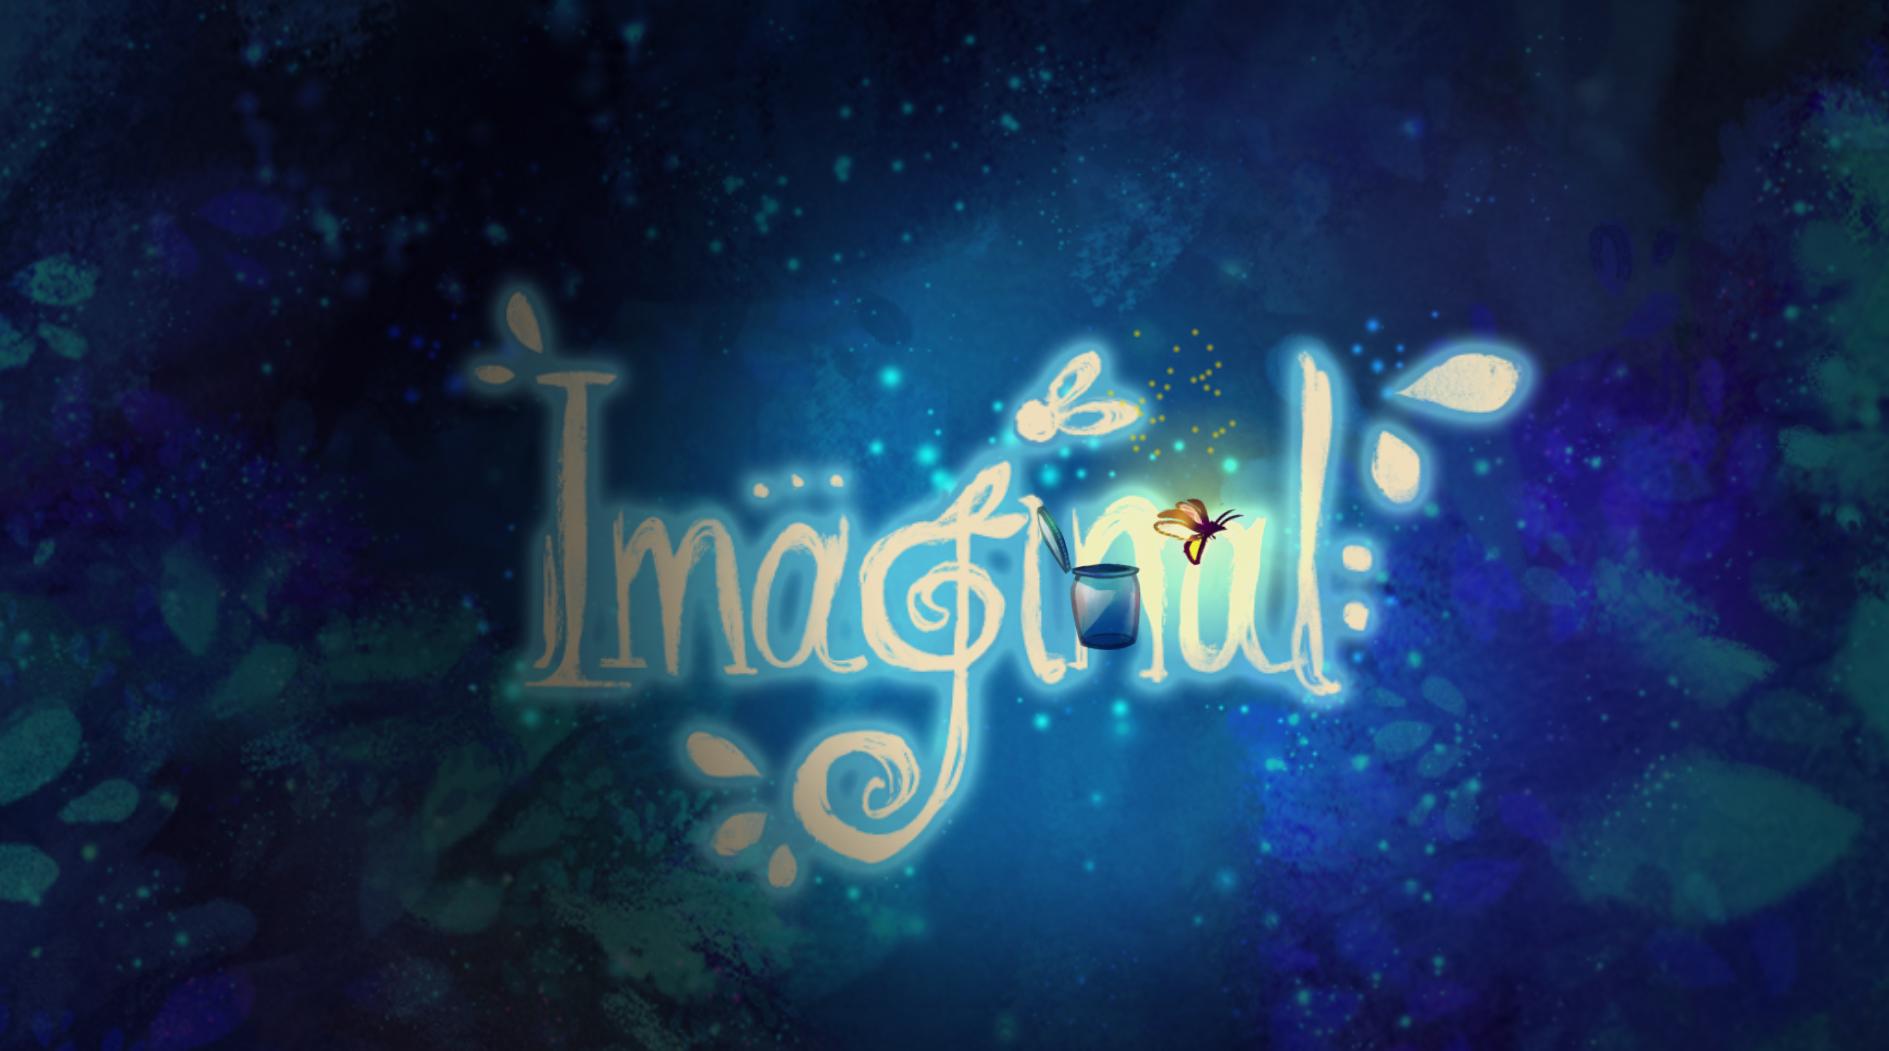 Imaginal